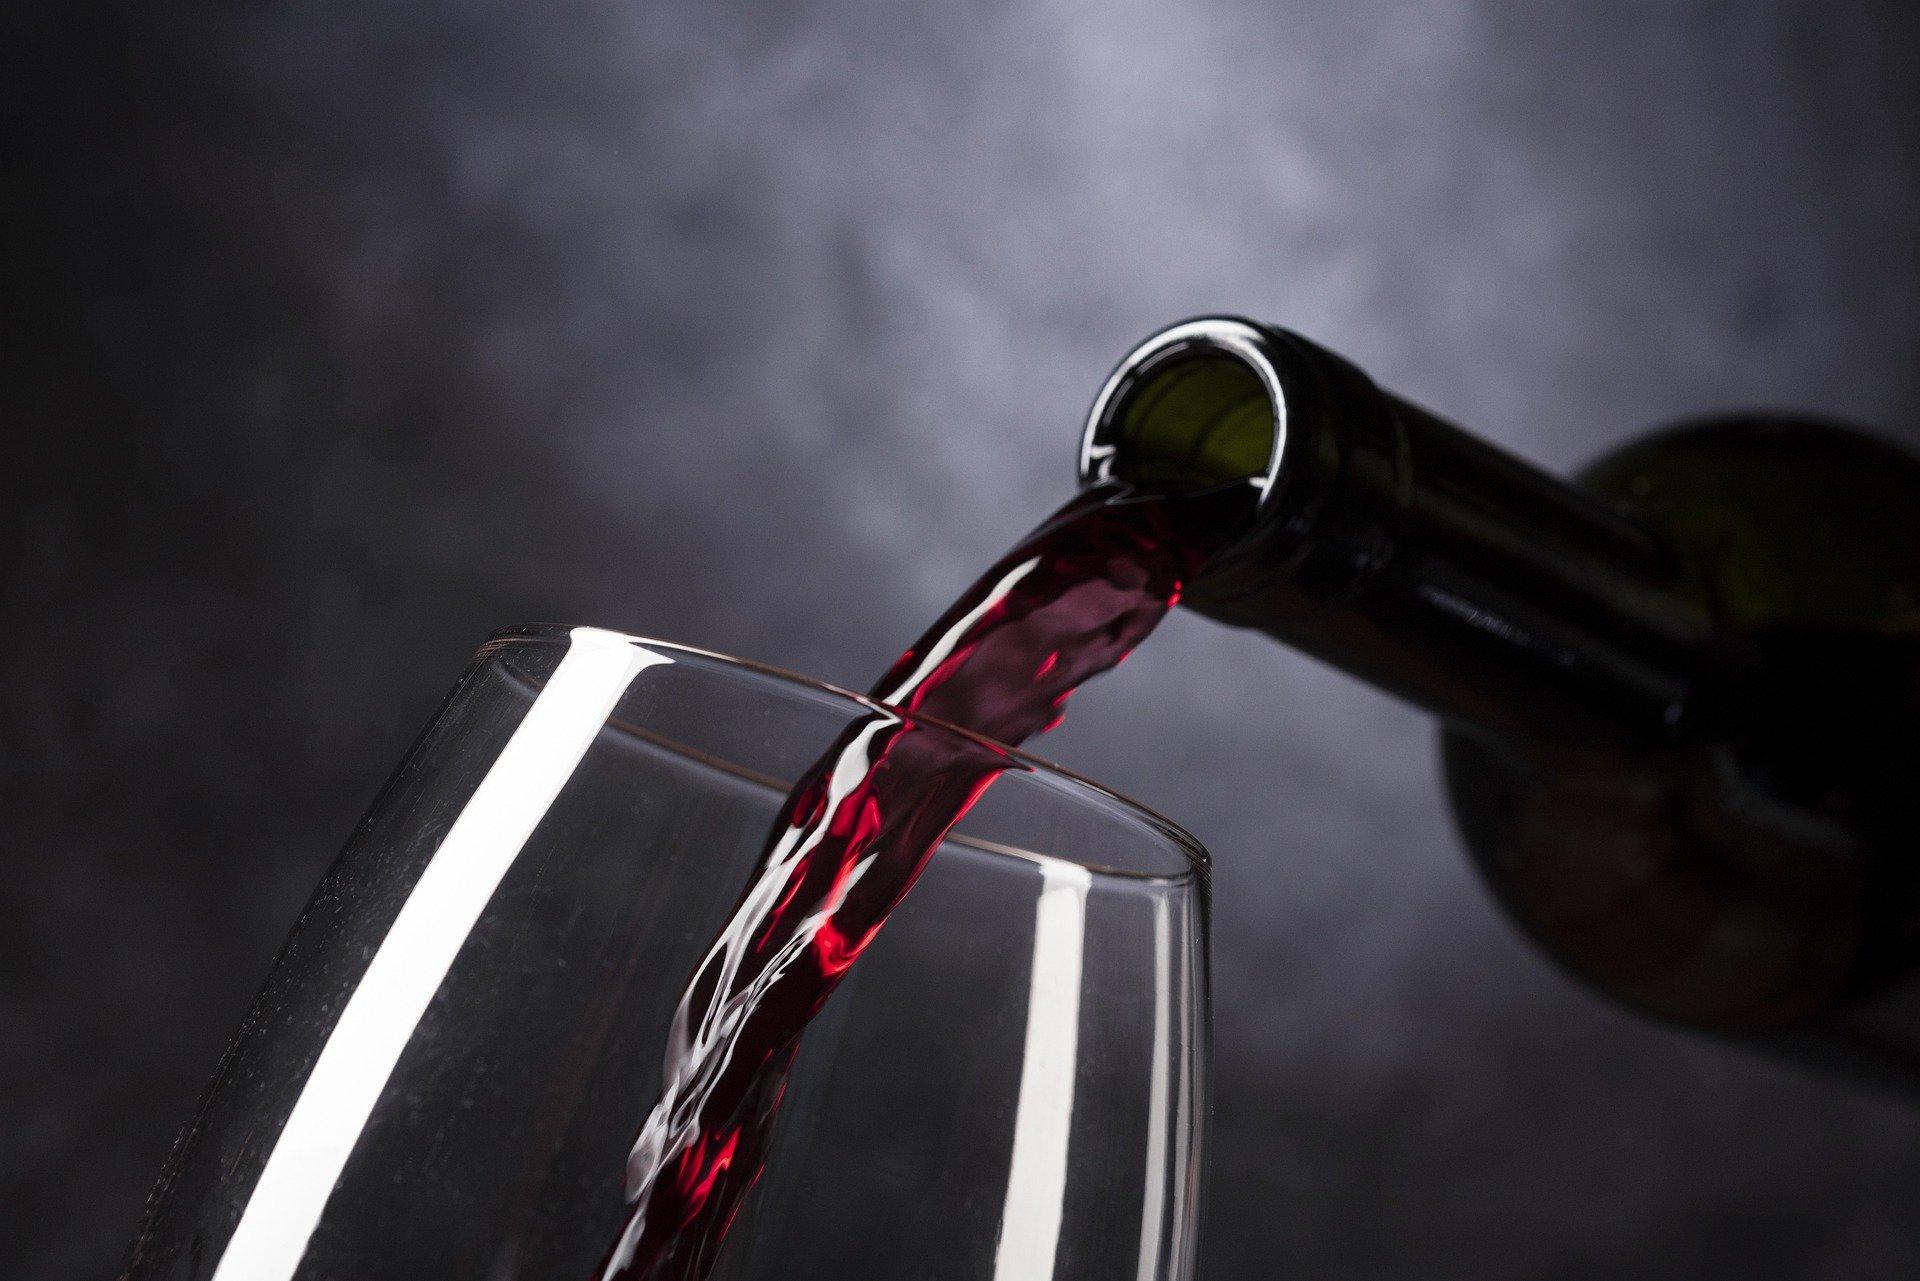 Los efectos del alcohol sobre el cerebro pueden llegar a ser muy perjudiciales para la salud.